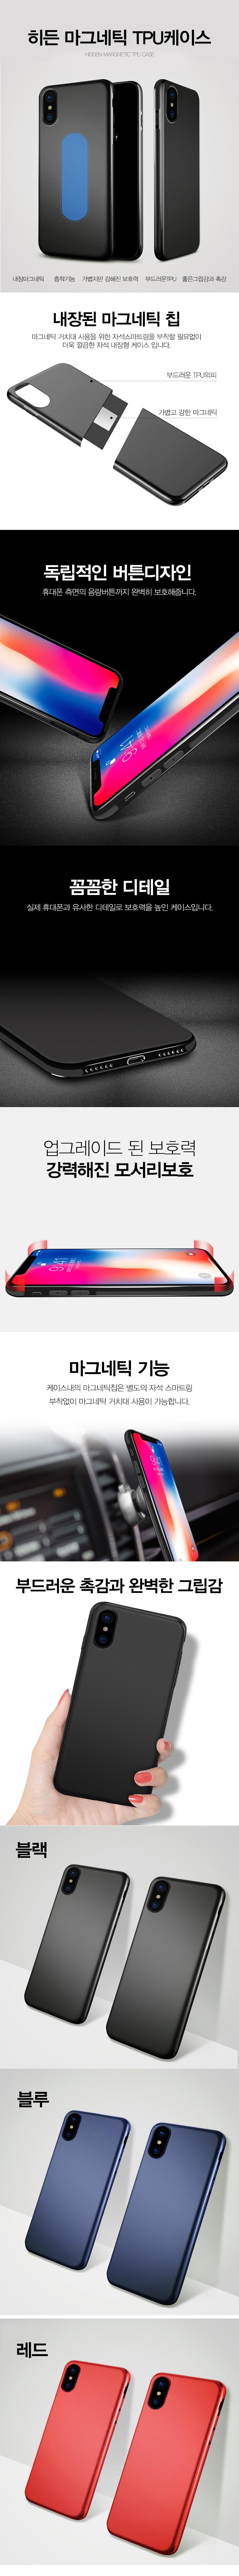 히든 마그네틱 케이스 자석 거치대 아이폰 X XS 맥스 XR 6S 7 8 플러스 - 비오비, 6,900원, 케이스, 아이폰X